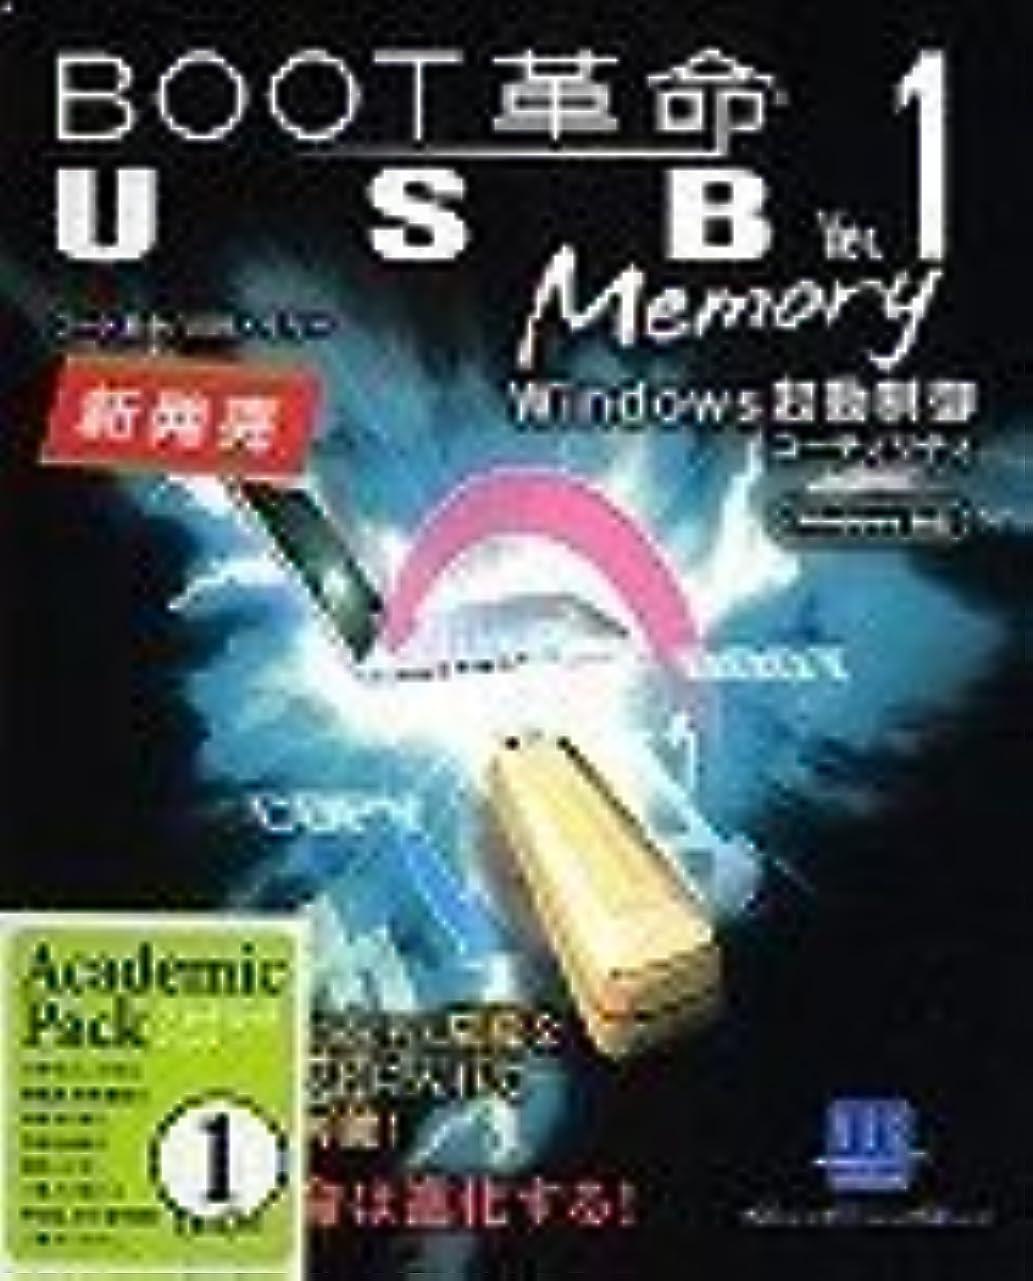 ステレオクモお客様BOOT革命/USB Memory Ver.1 アカデミックパック1ユーザー